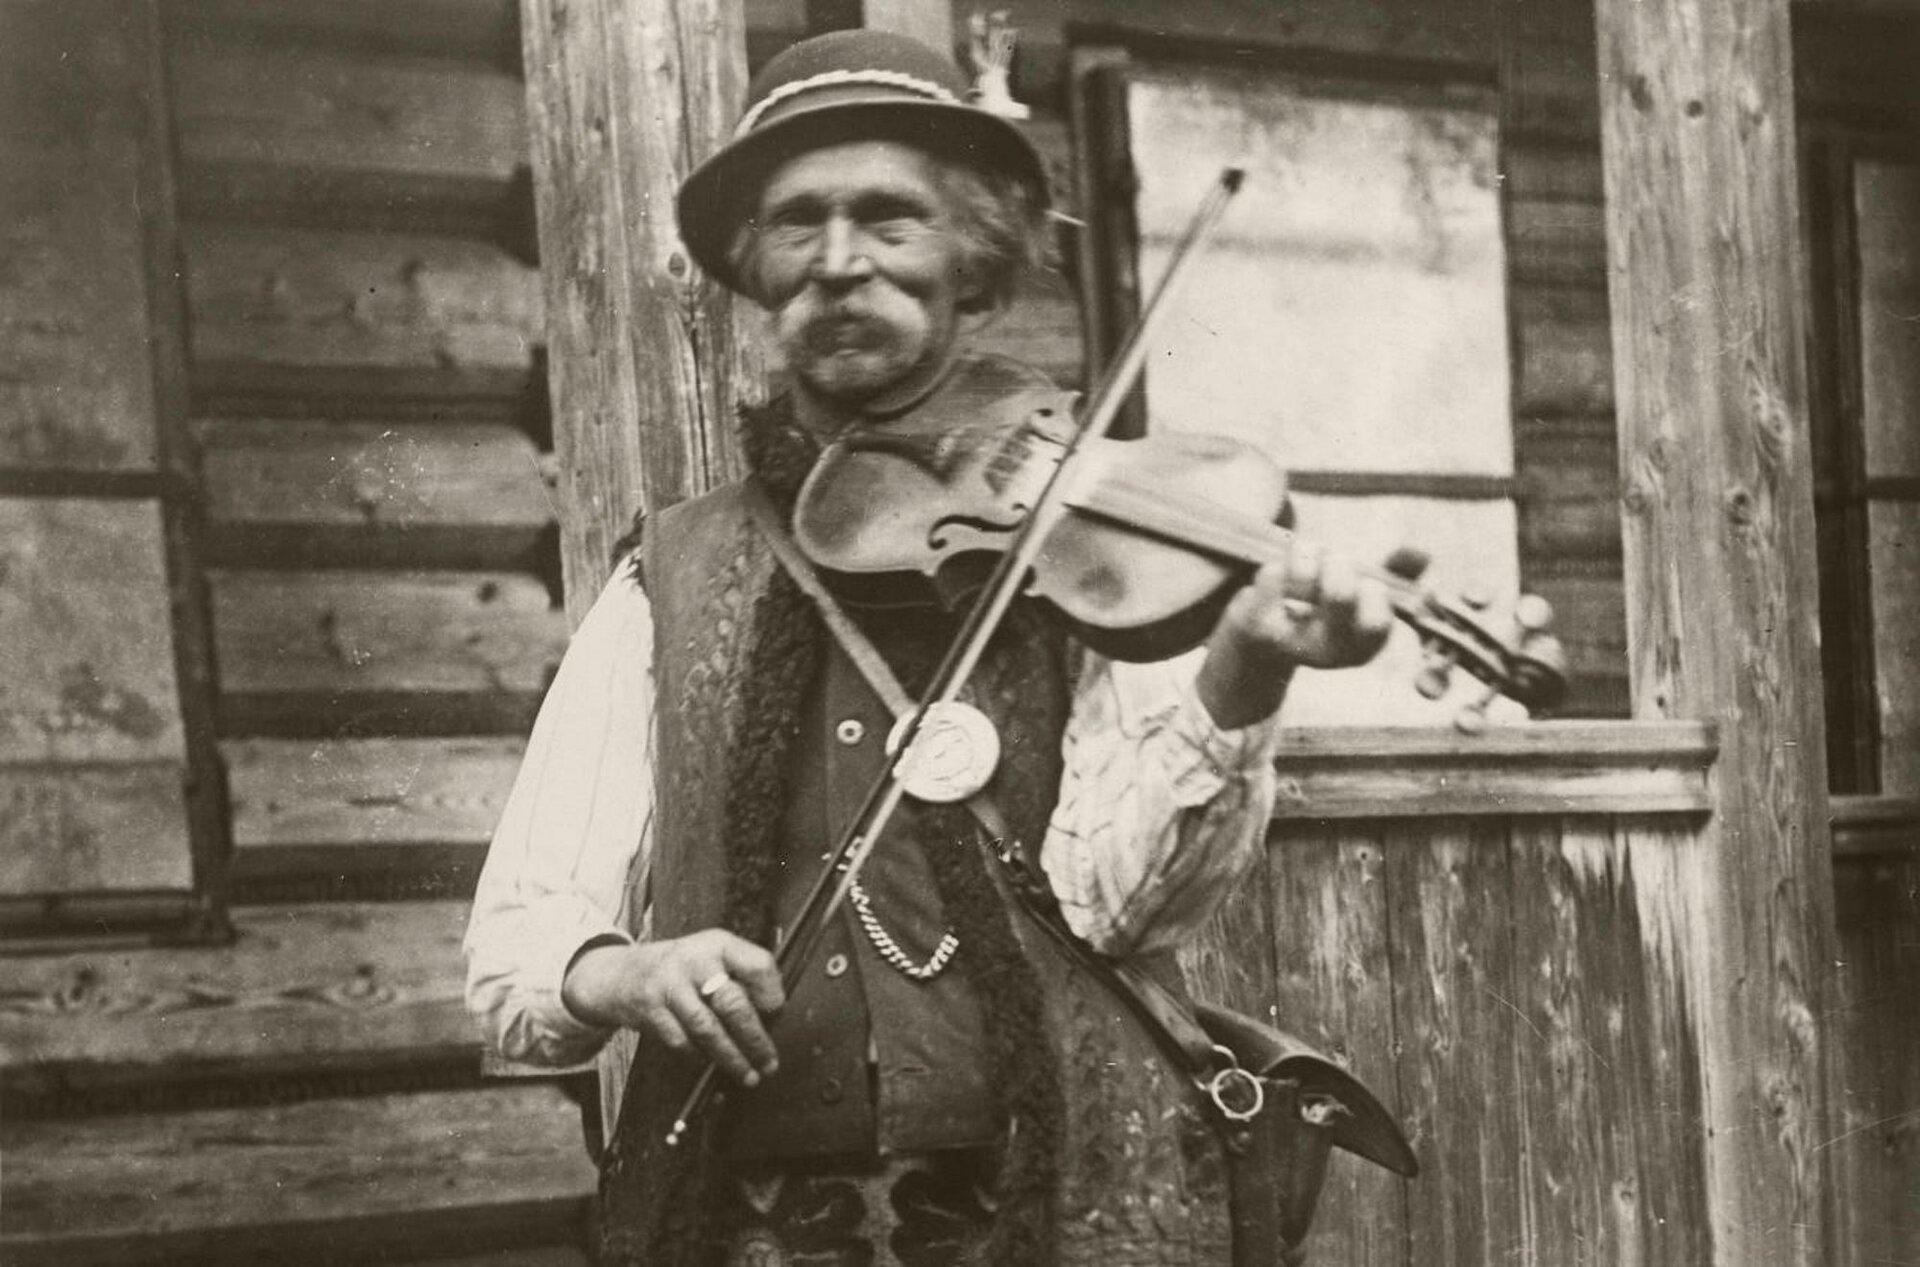 Fotografia przedstawia Bartusia Obrochtę. Starszy mężczyzna zuśmiechem, stoi igra na skrzypcach. Ubrany jest wstrój góralski. Wtle widać drewnianą, zniszczoną chatę.